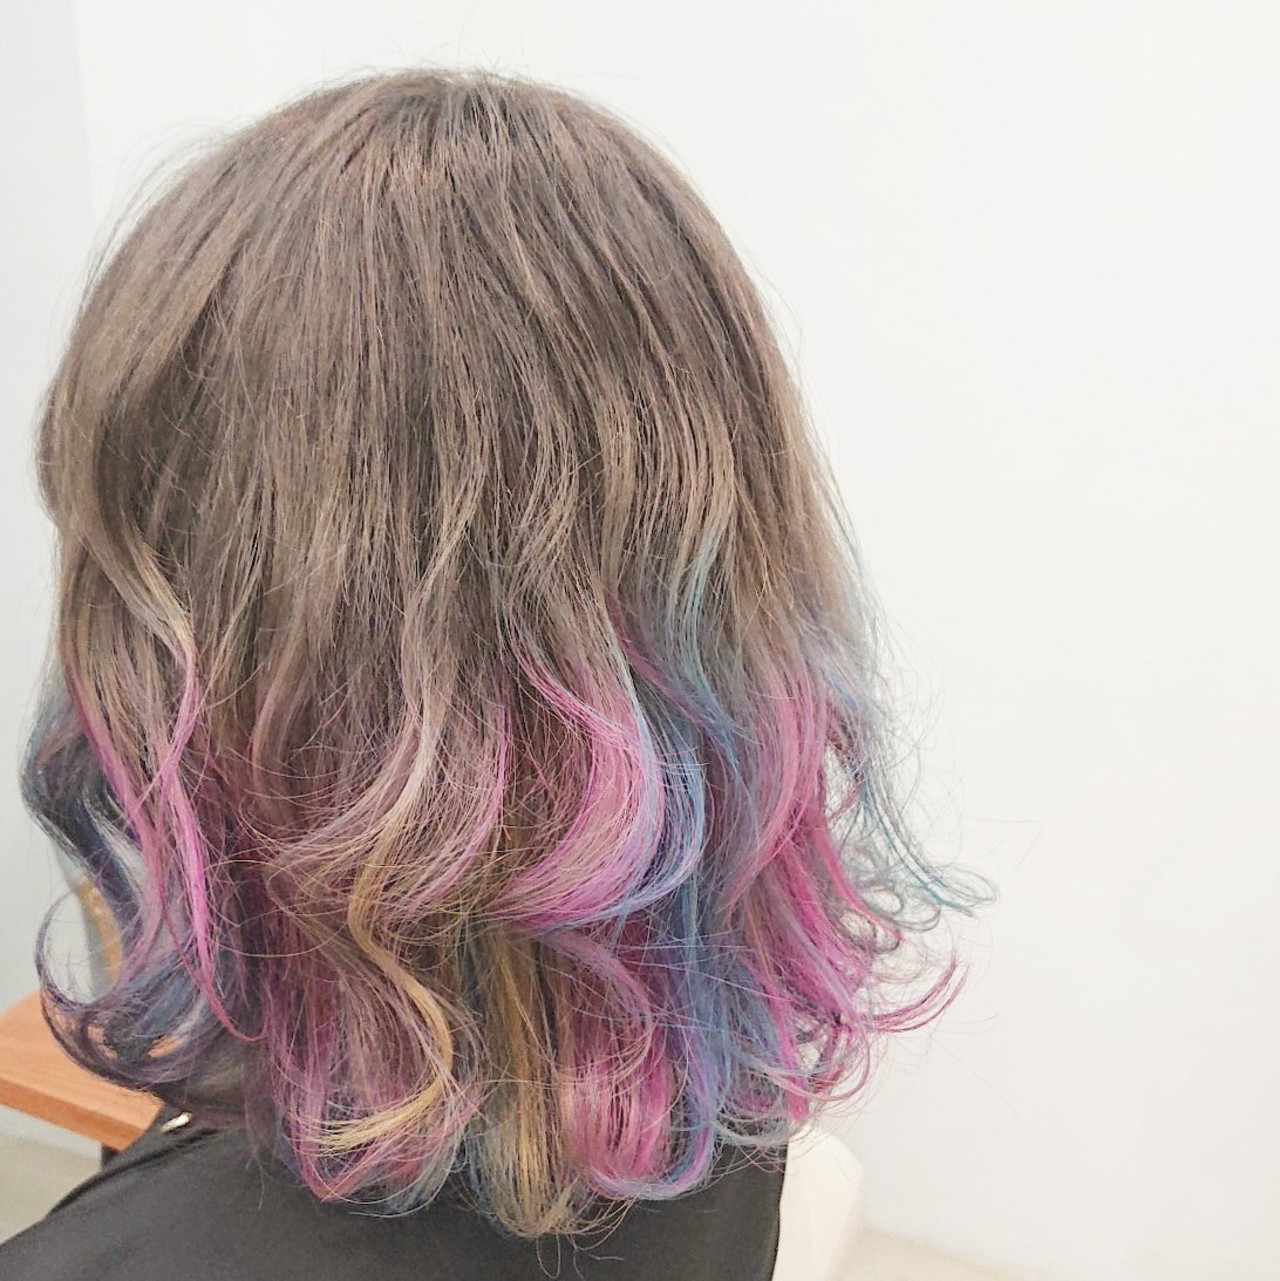 ユニコーンカラー グレージュ ハイトーン ボブ ヘアスタイルや髪型の写真・画像